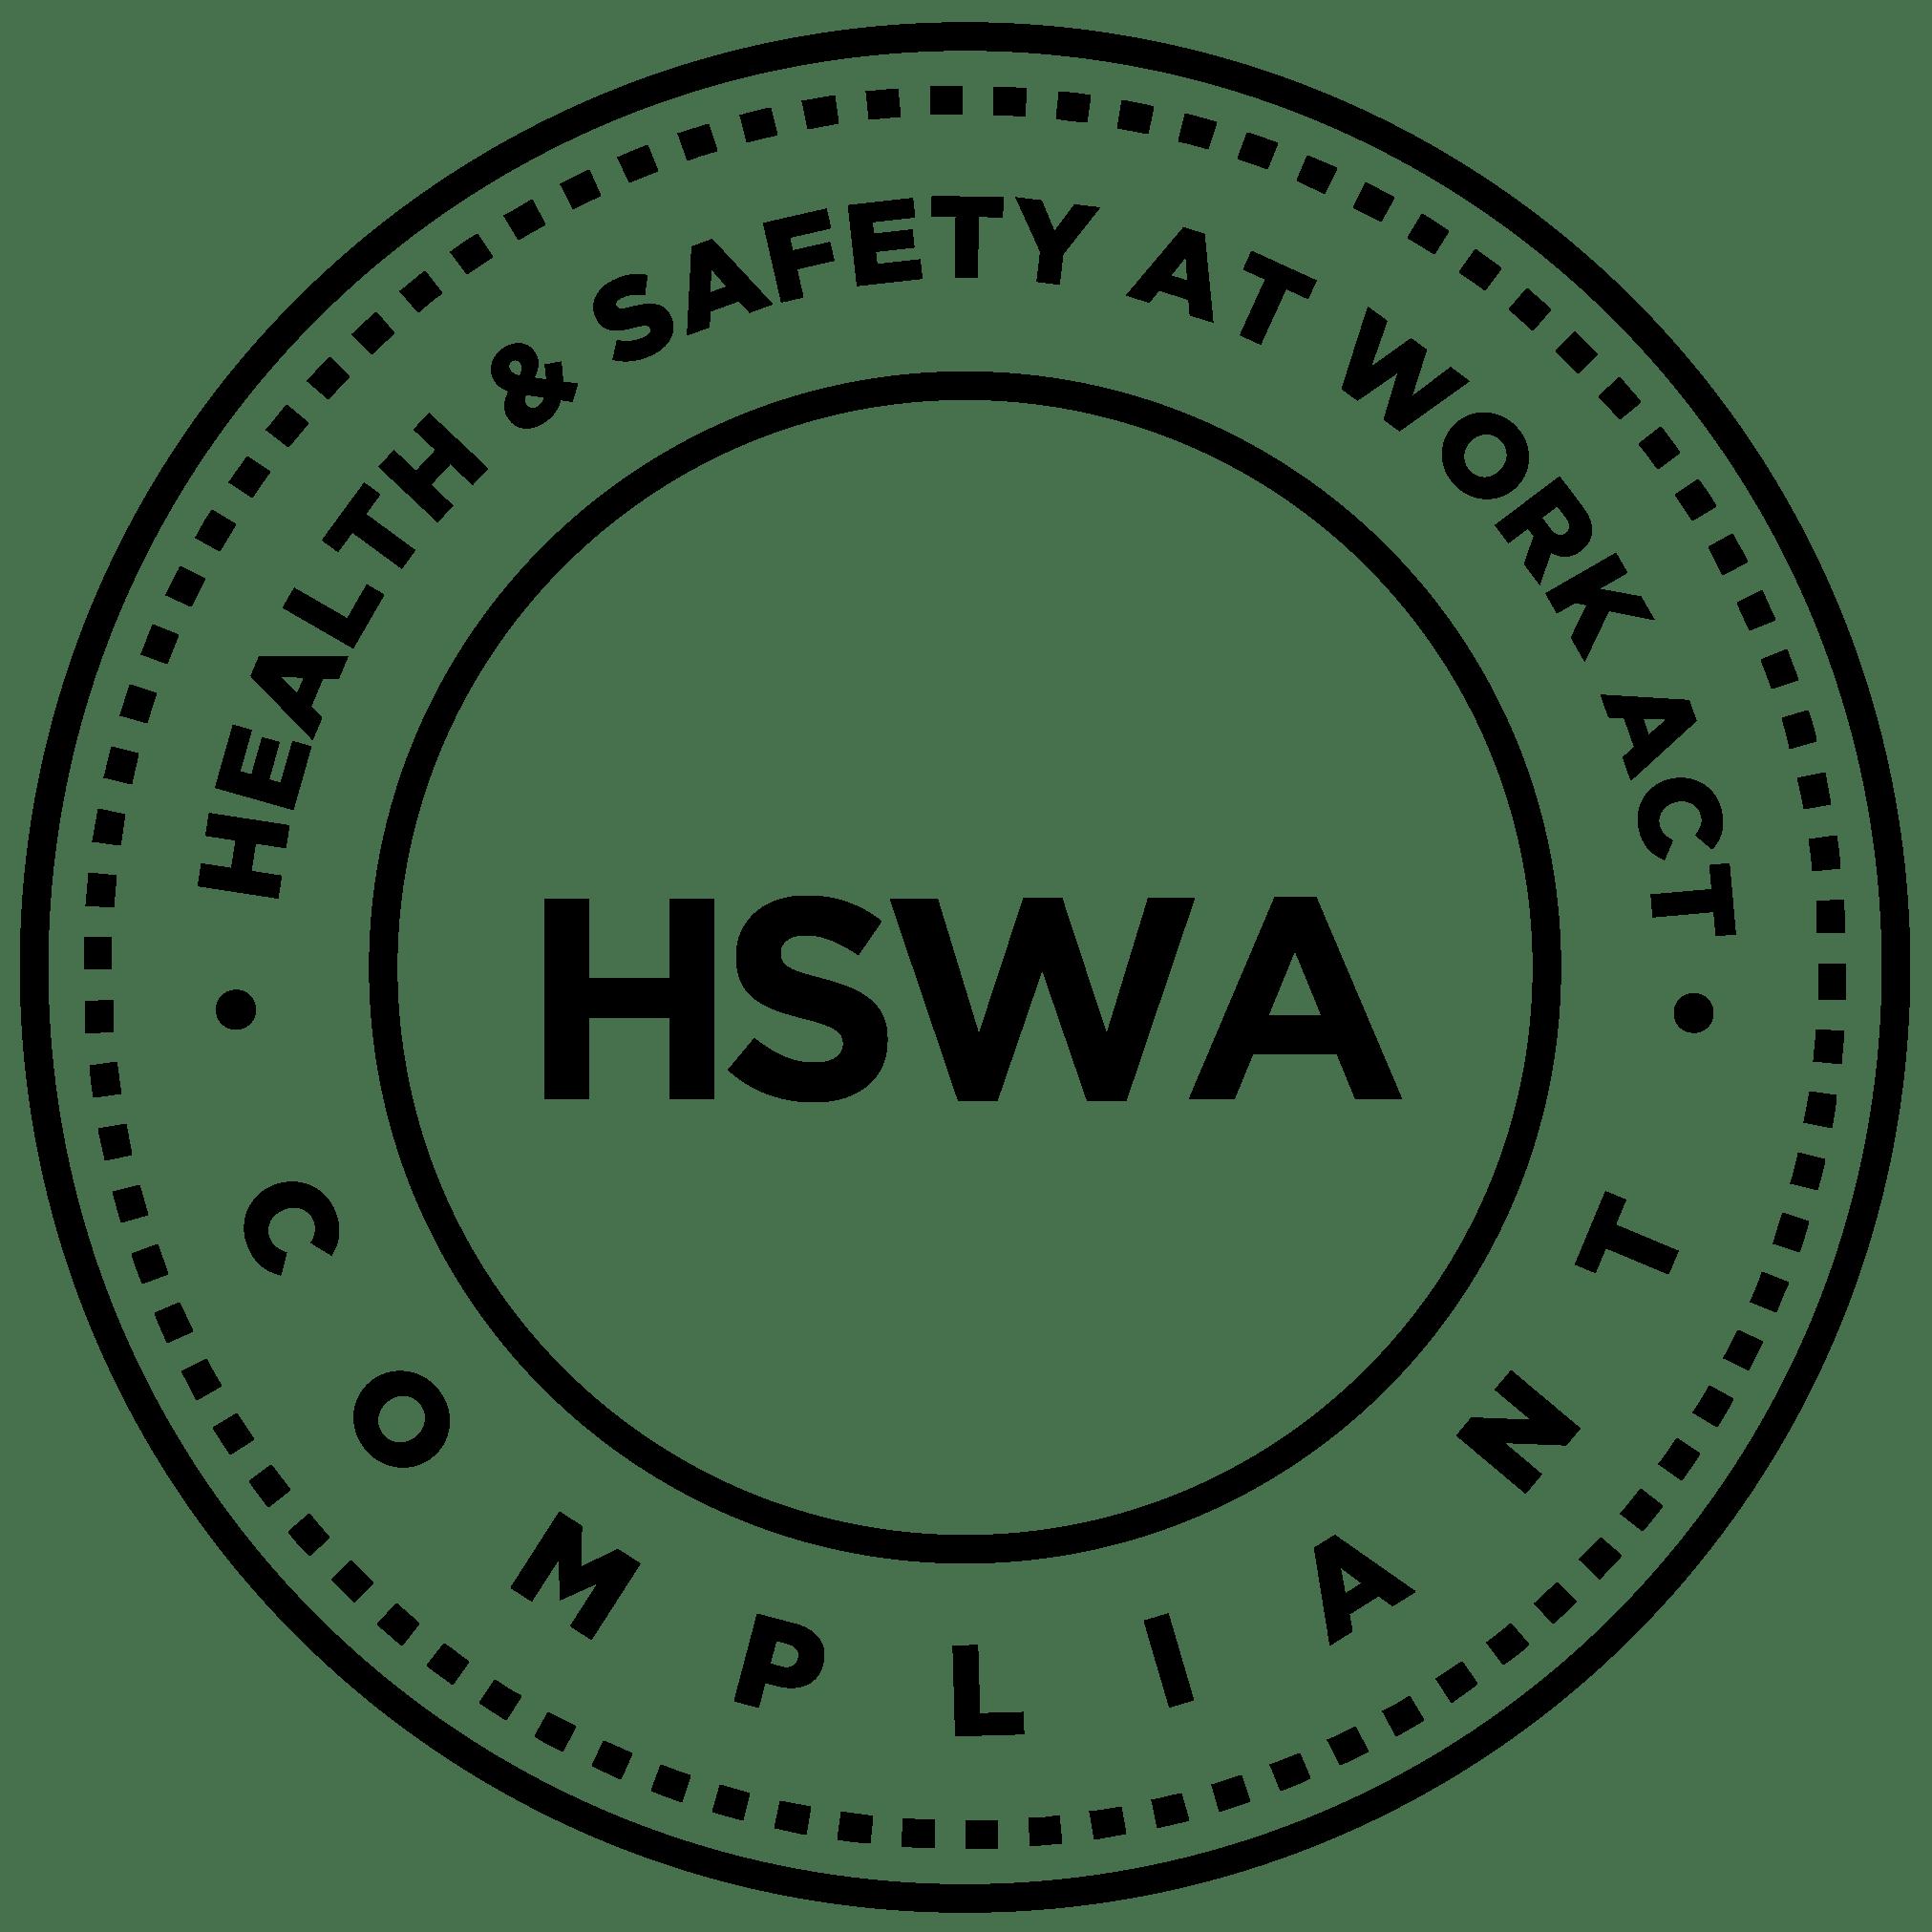 hswa4_1